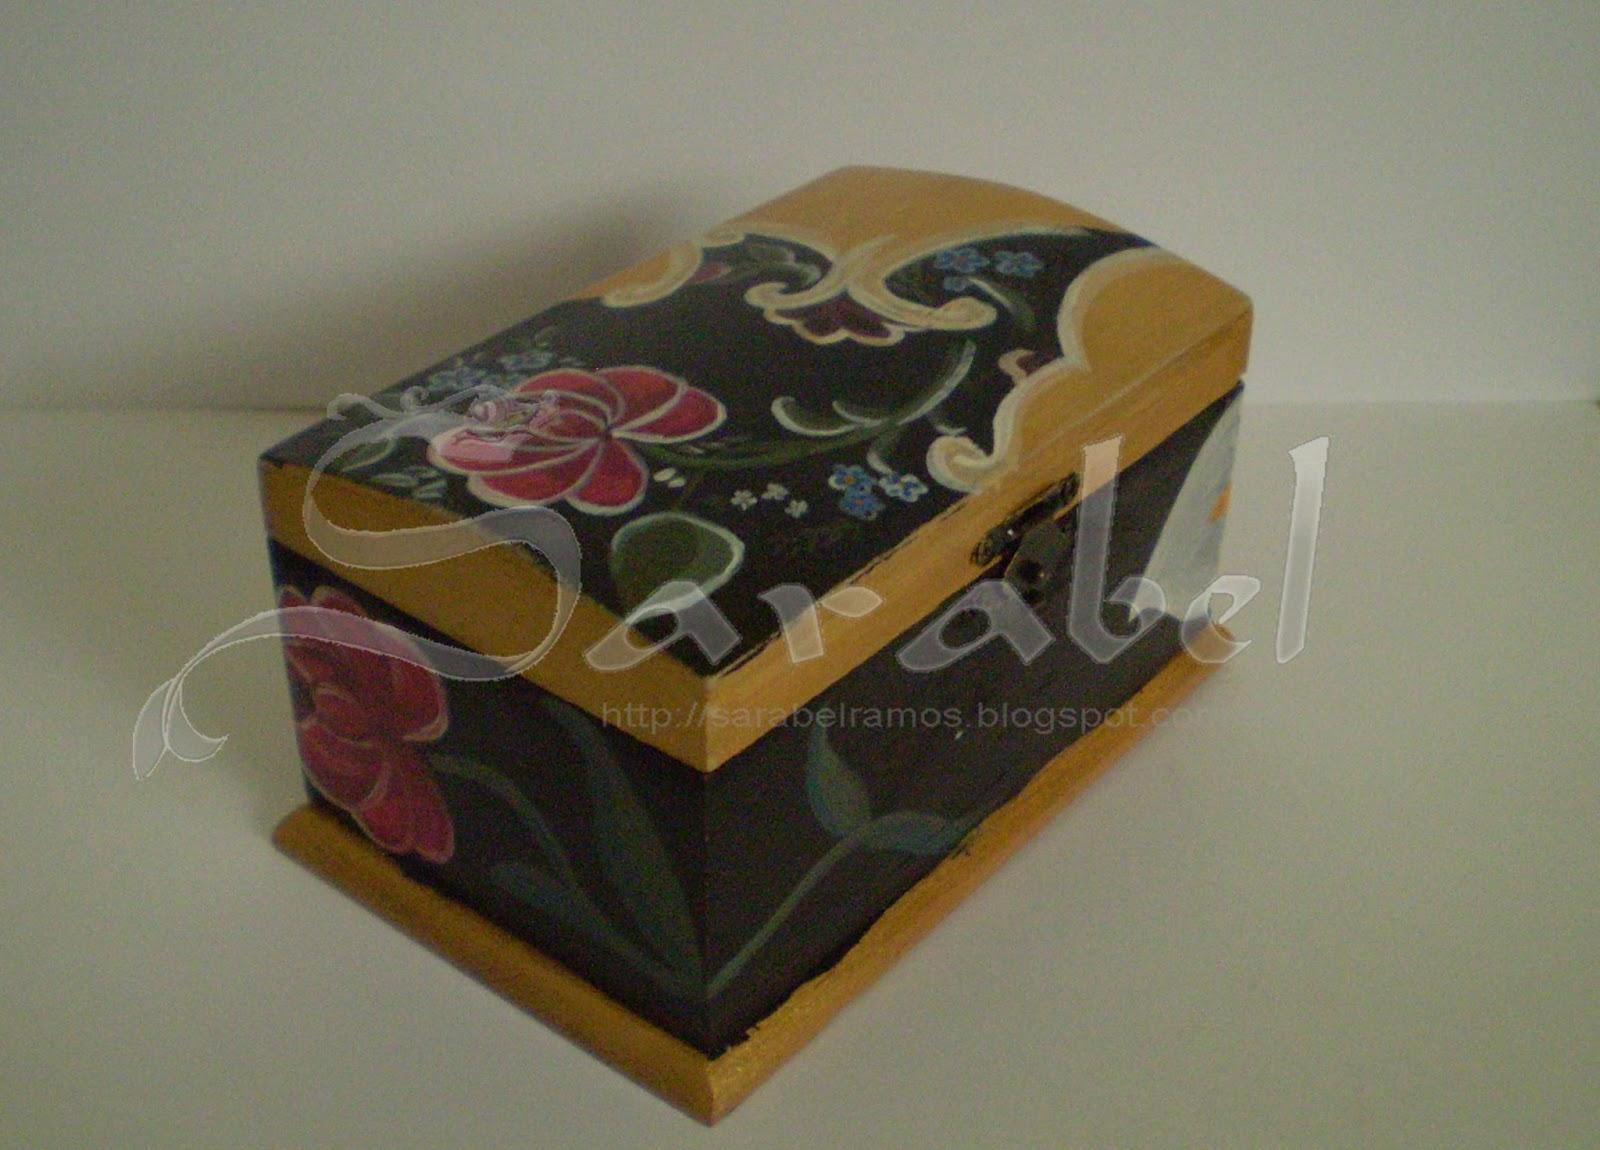 Joyero artesanal pintado a mano rosas y tulipanes - Baules pintados a mano ...